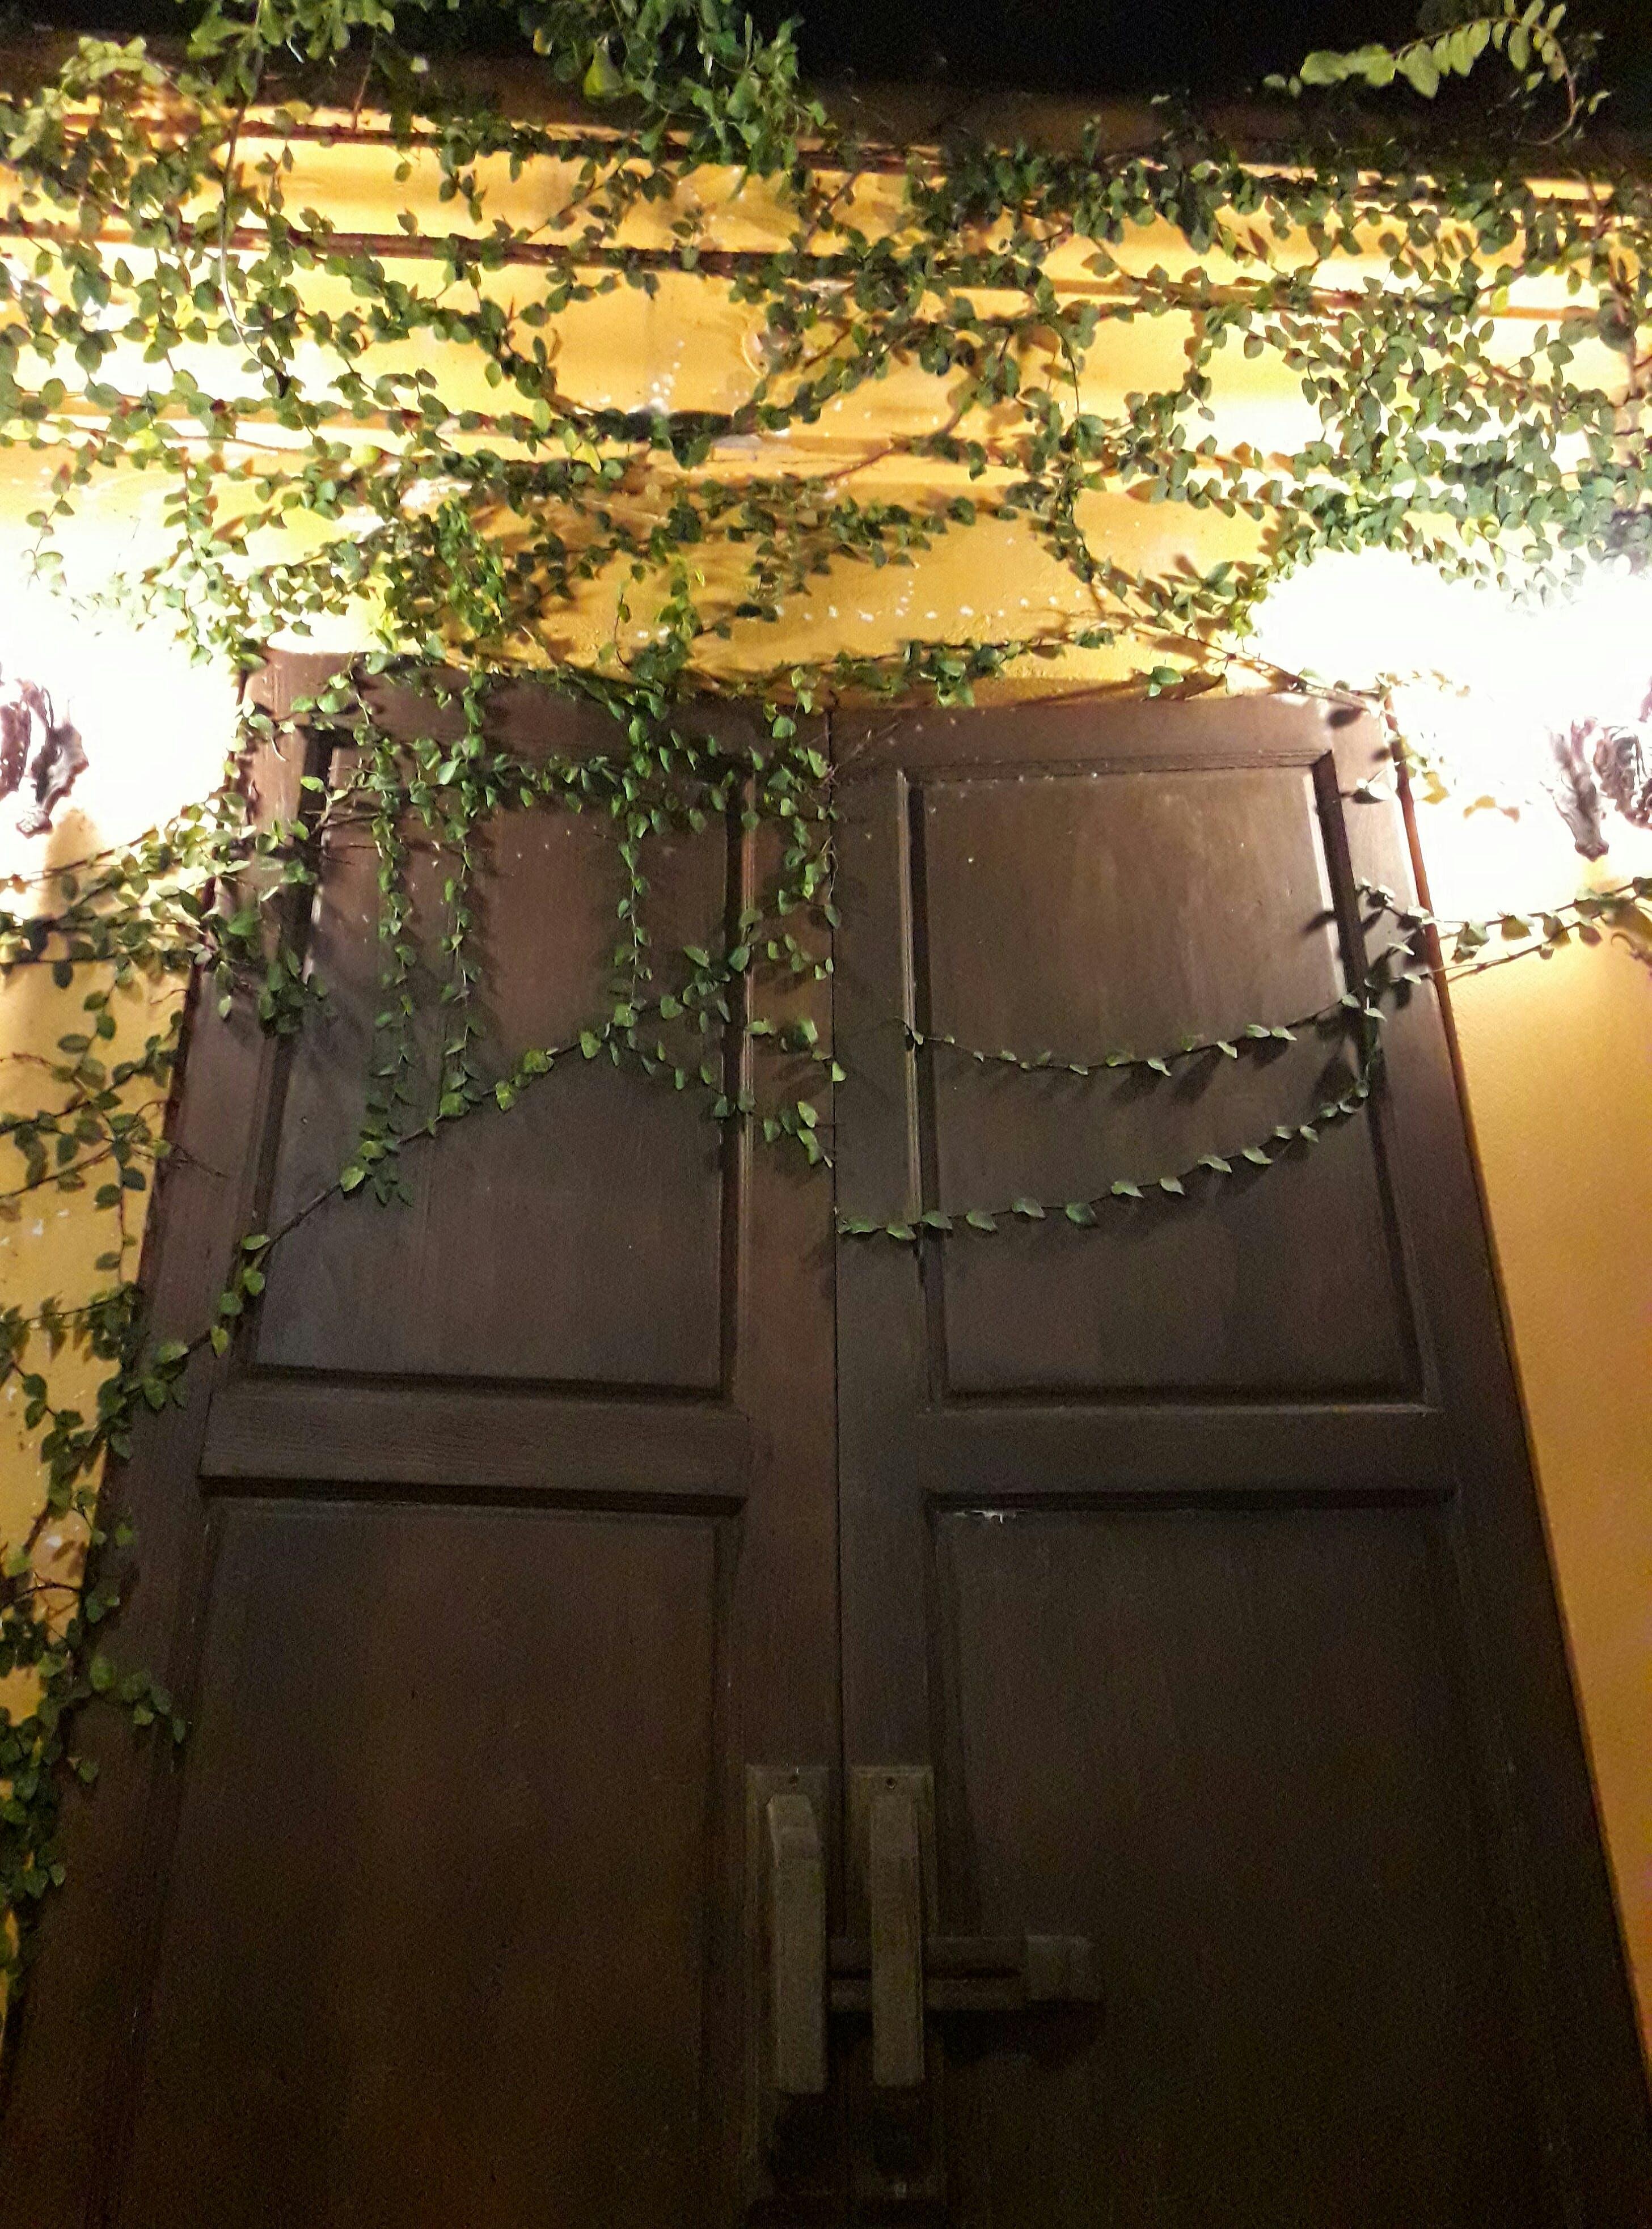 Free stock photo of door, light, plant, yellow